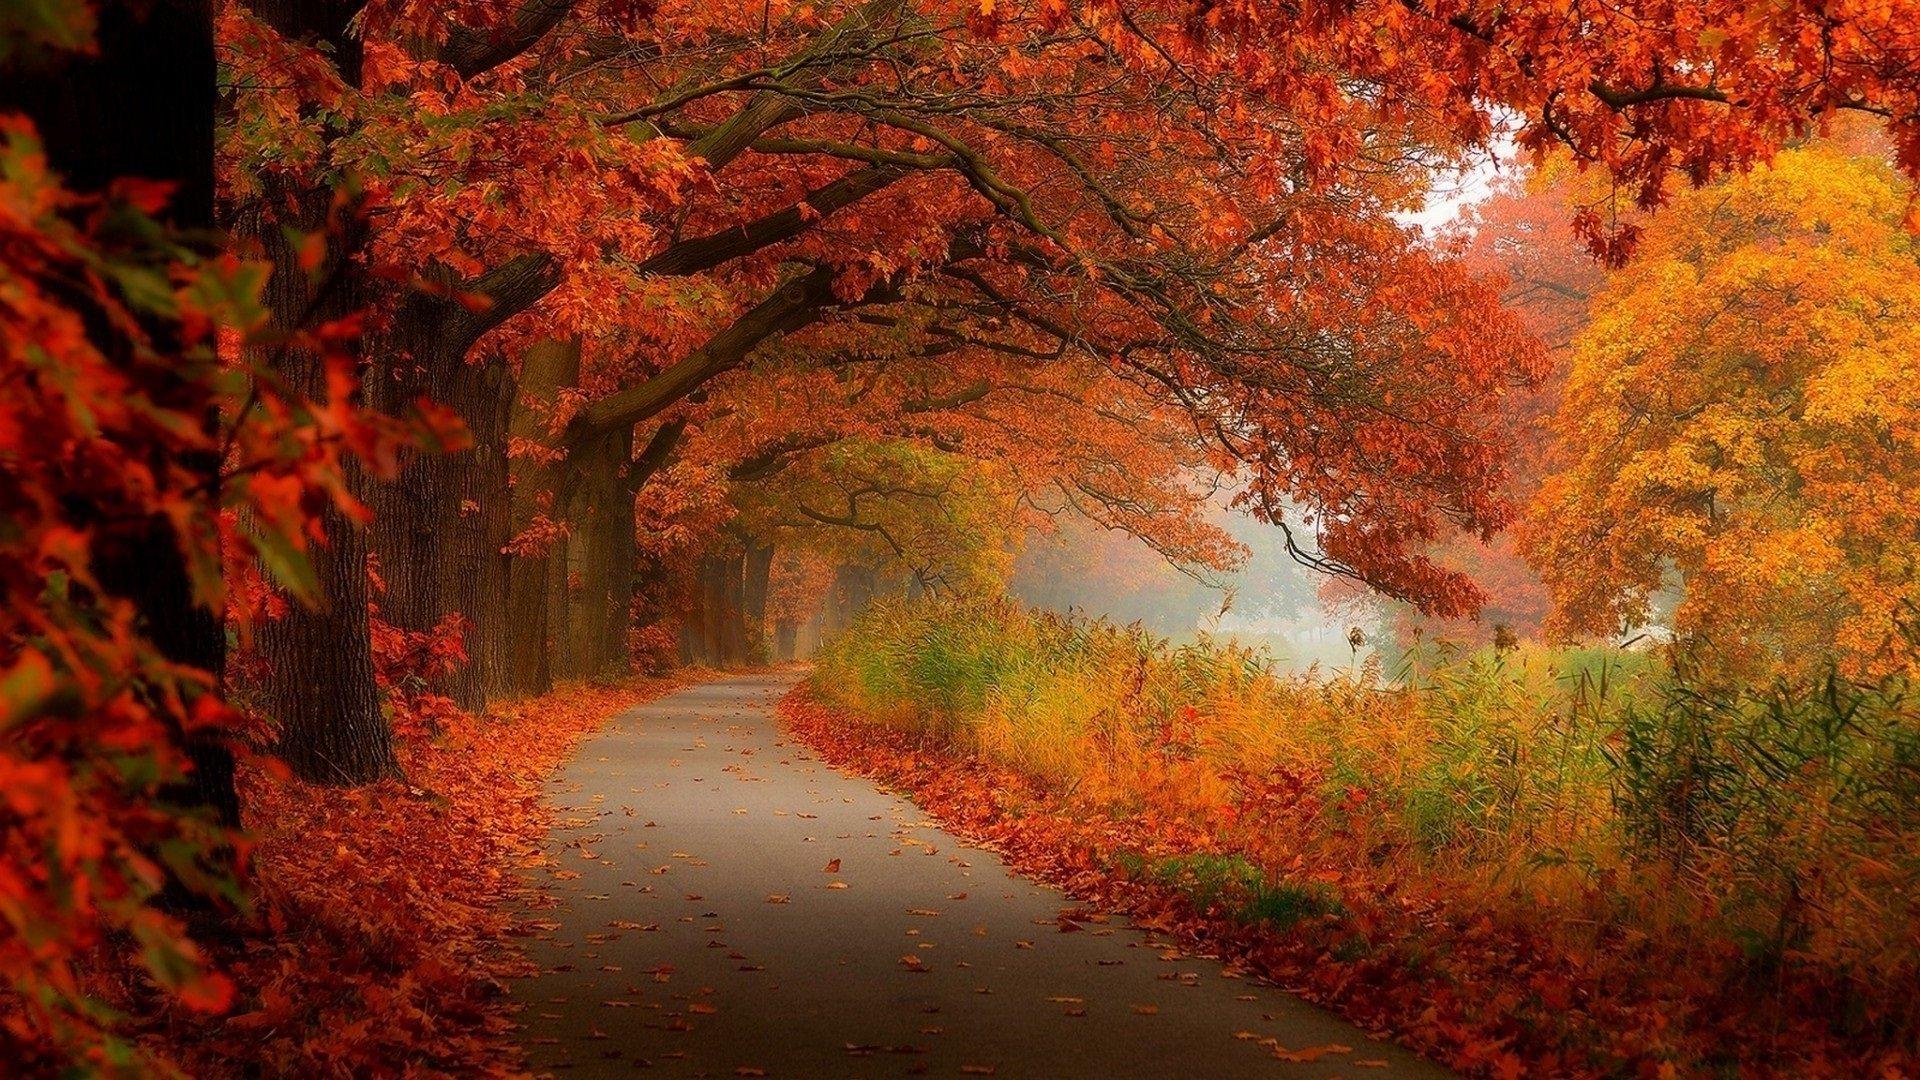 Праздник 6 сентября: в день святого Евтихия запрещено уходить далеко от дома